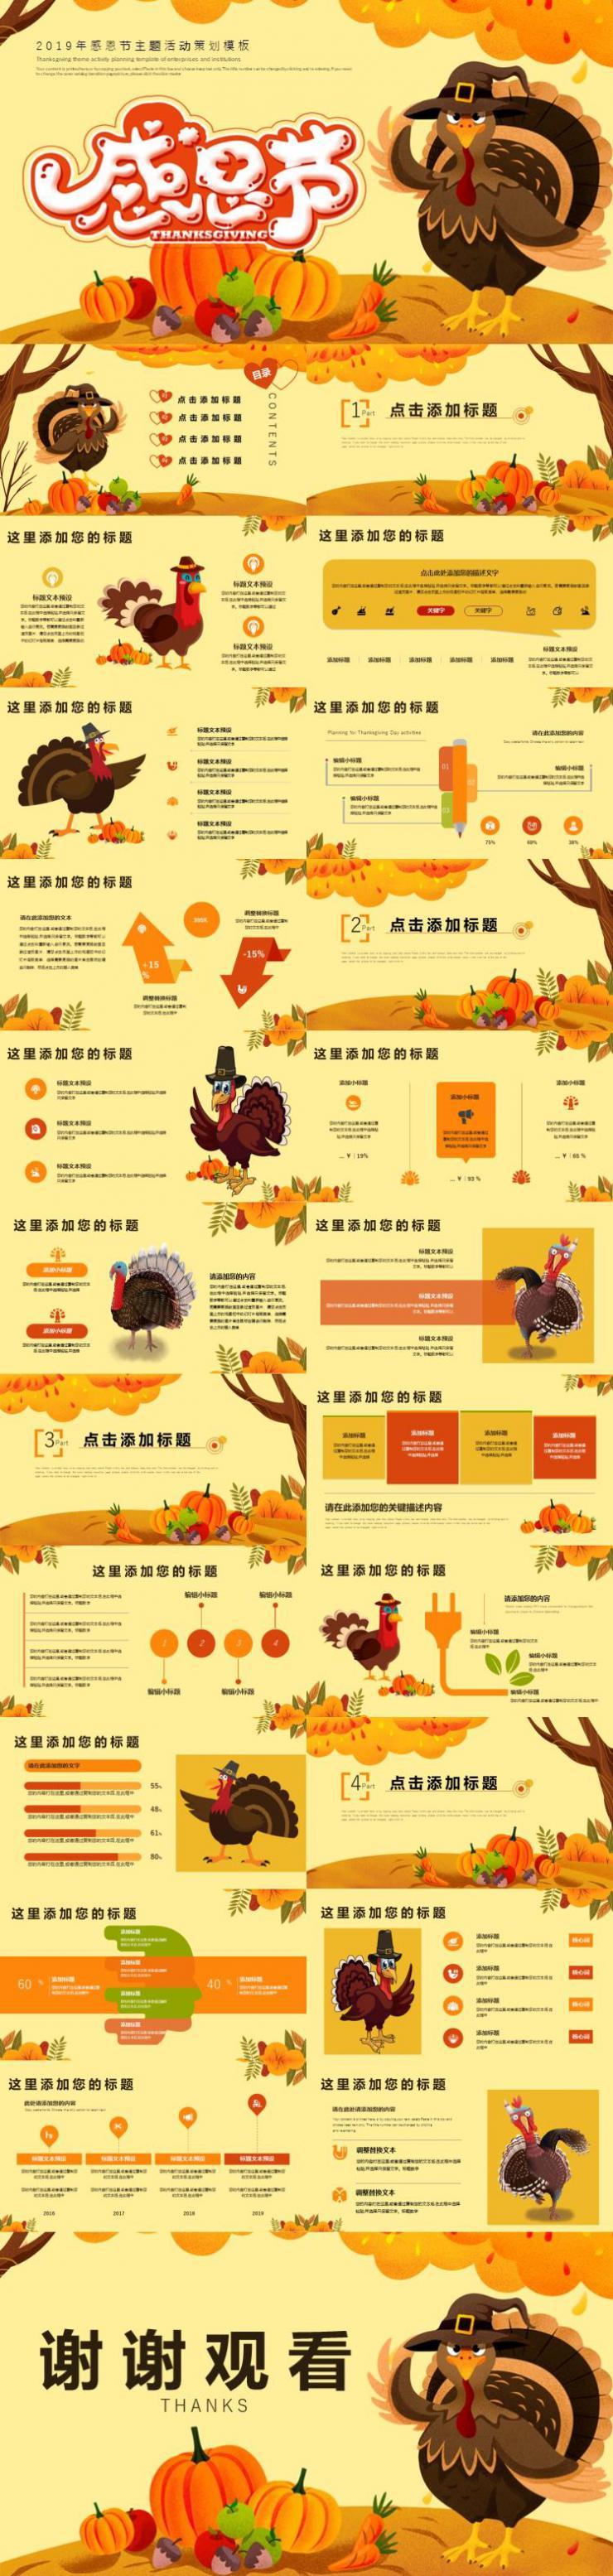 原创唯美肌理感恩节活动策划模板